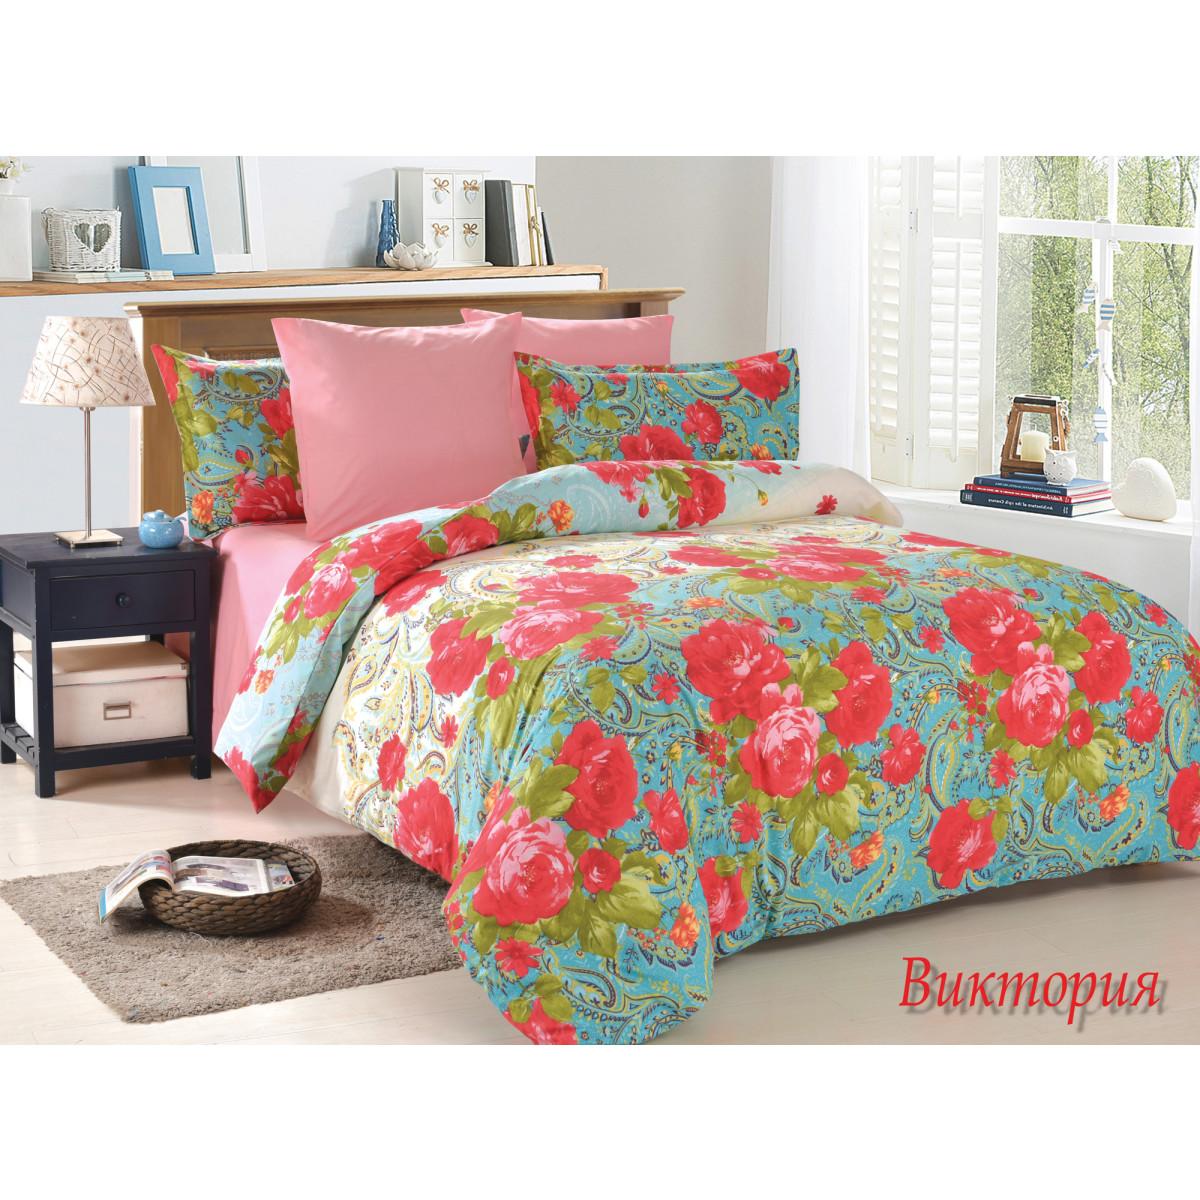 Комплект постельного белья Victoria полутораспальный поплин